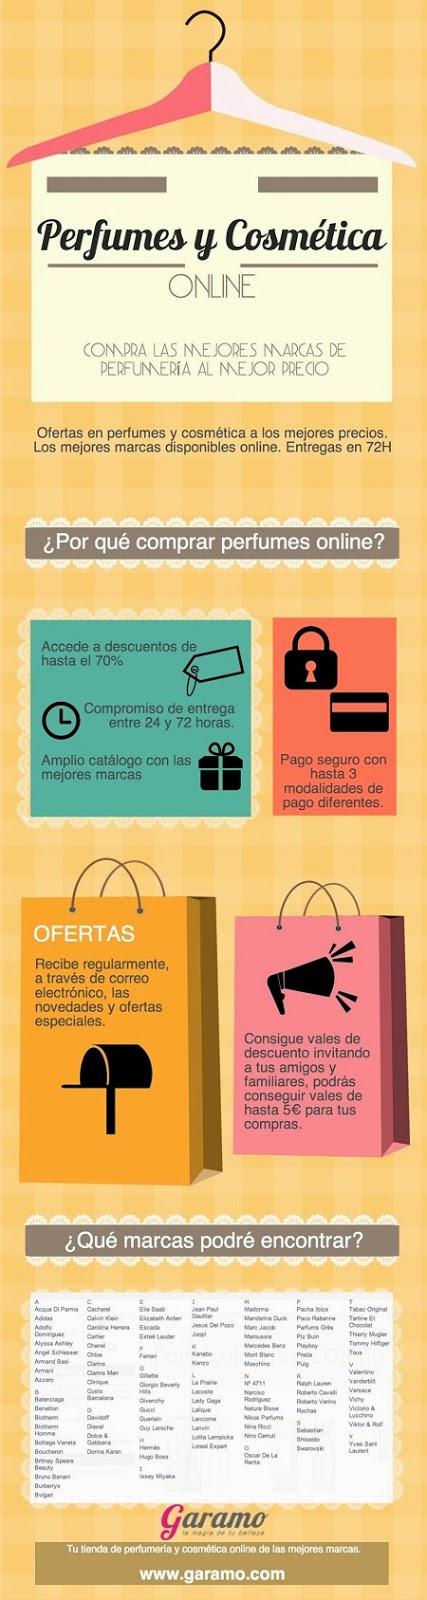 Infografia Cosmetica mujer